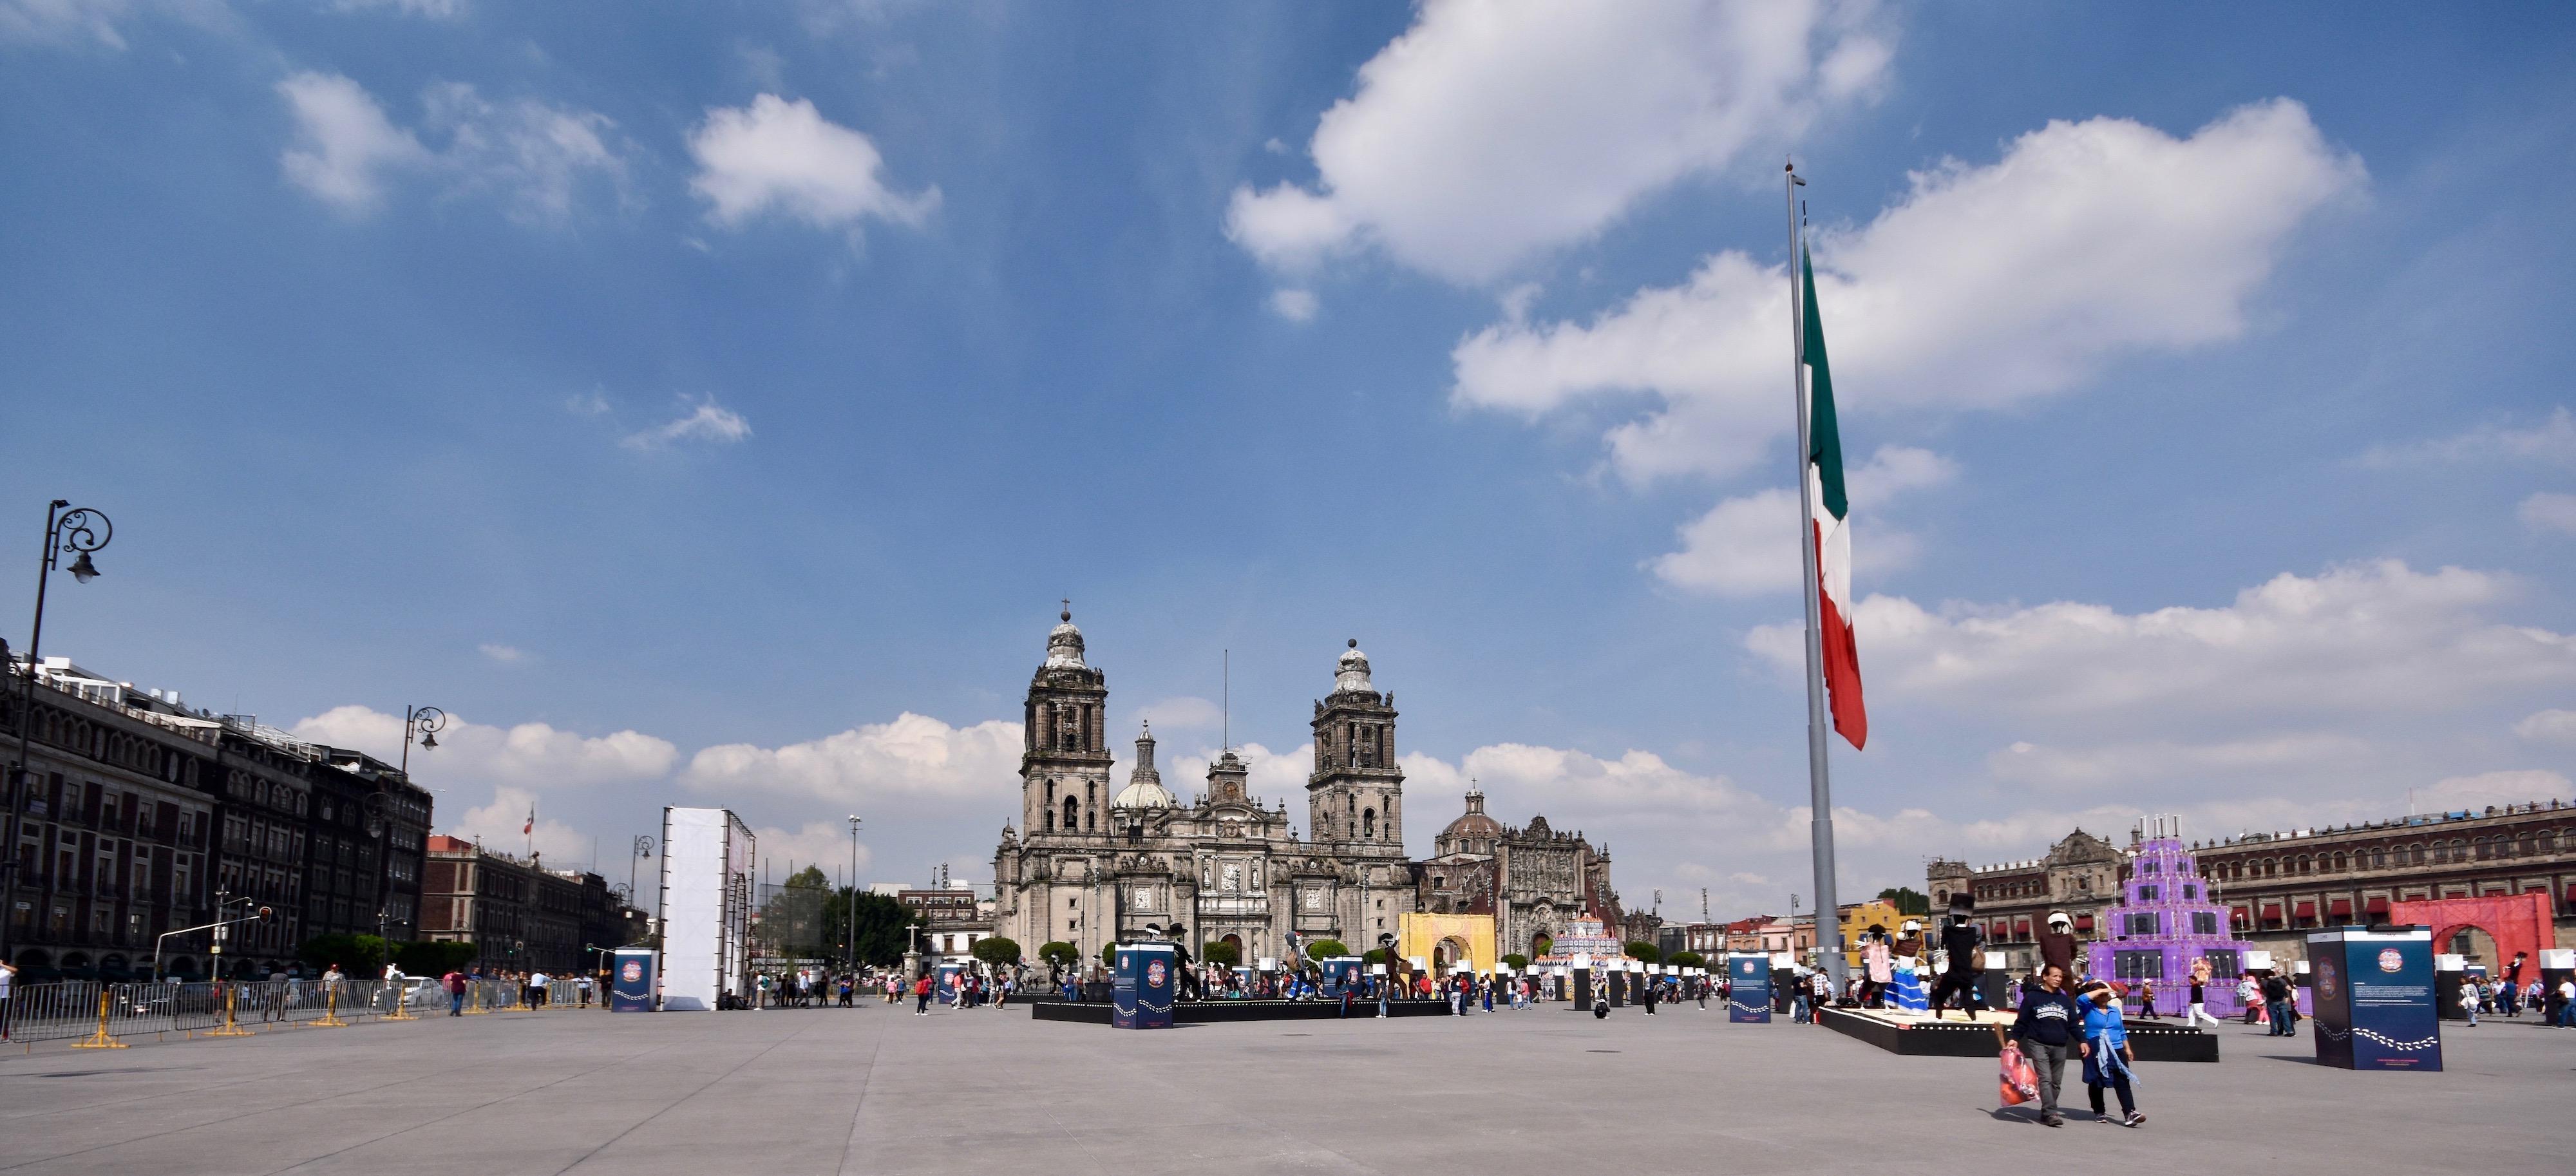 Zocalo Wide Angle, Mexico City